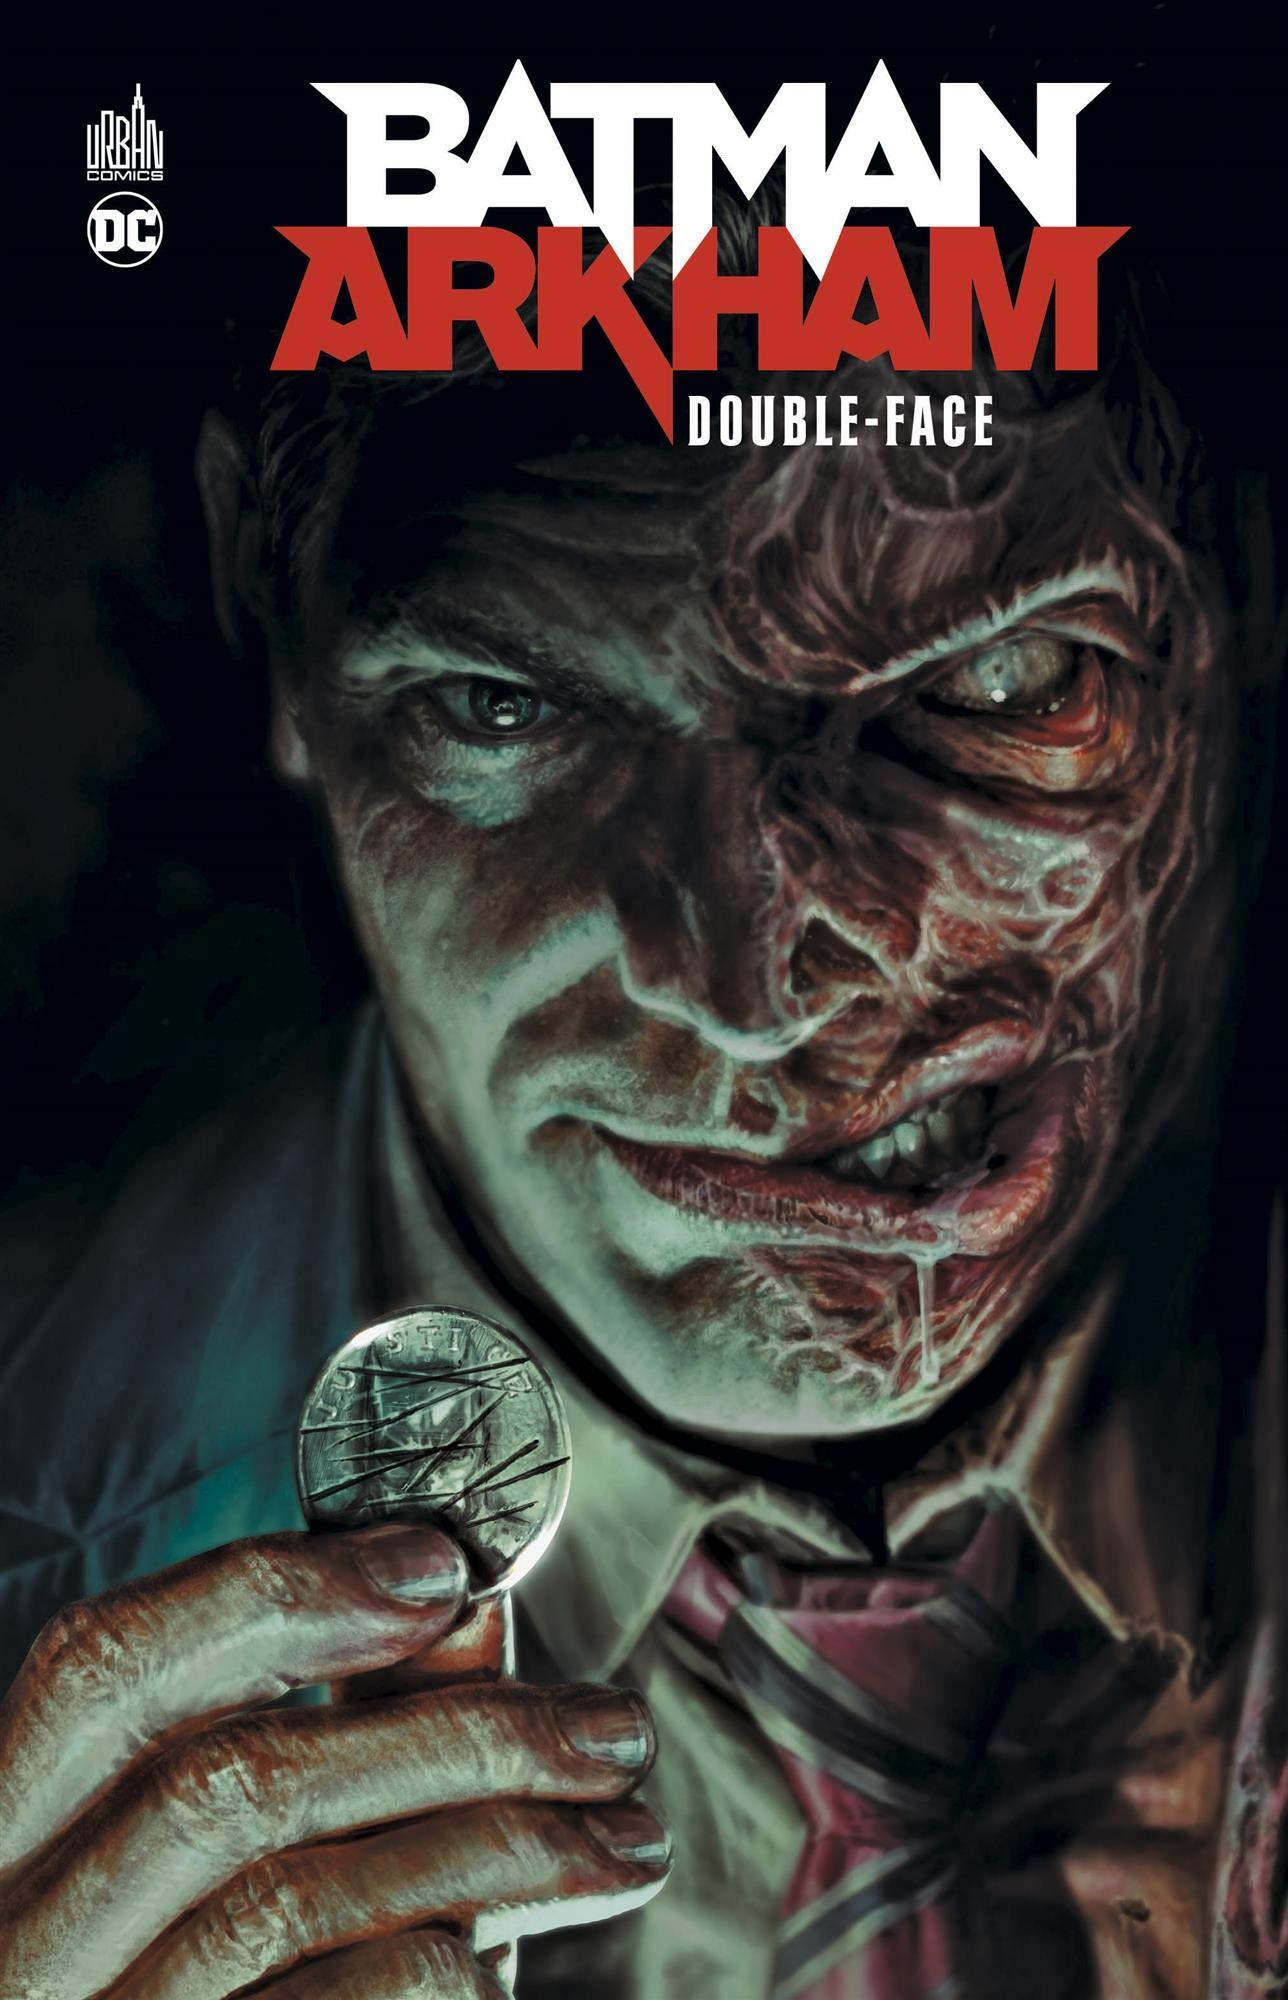 Batman Arkham - Double-face 1